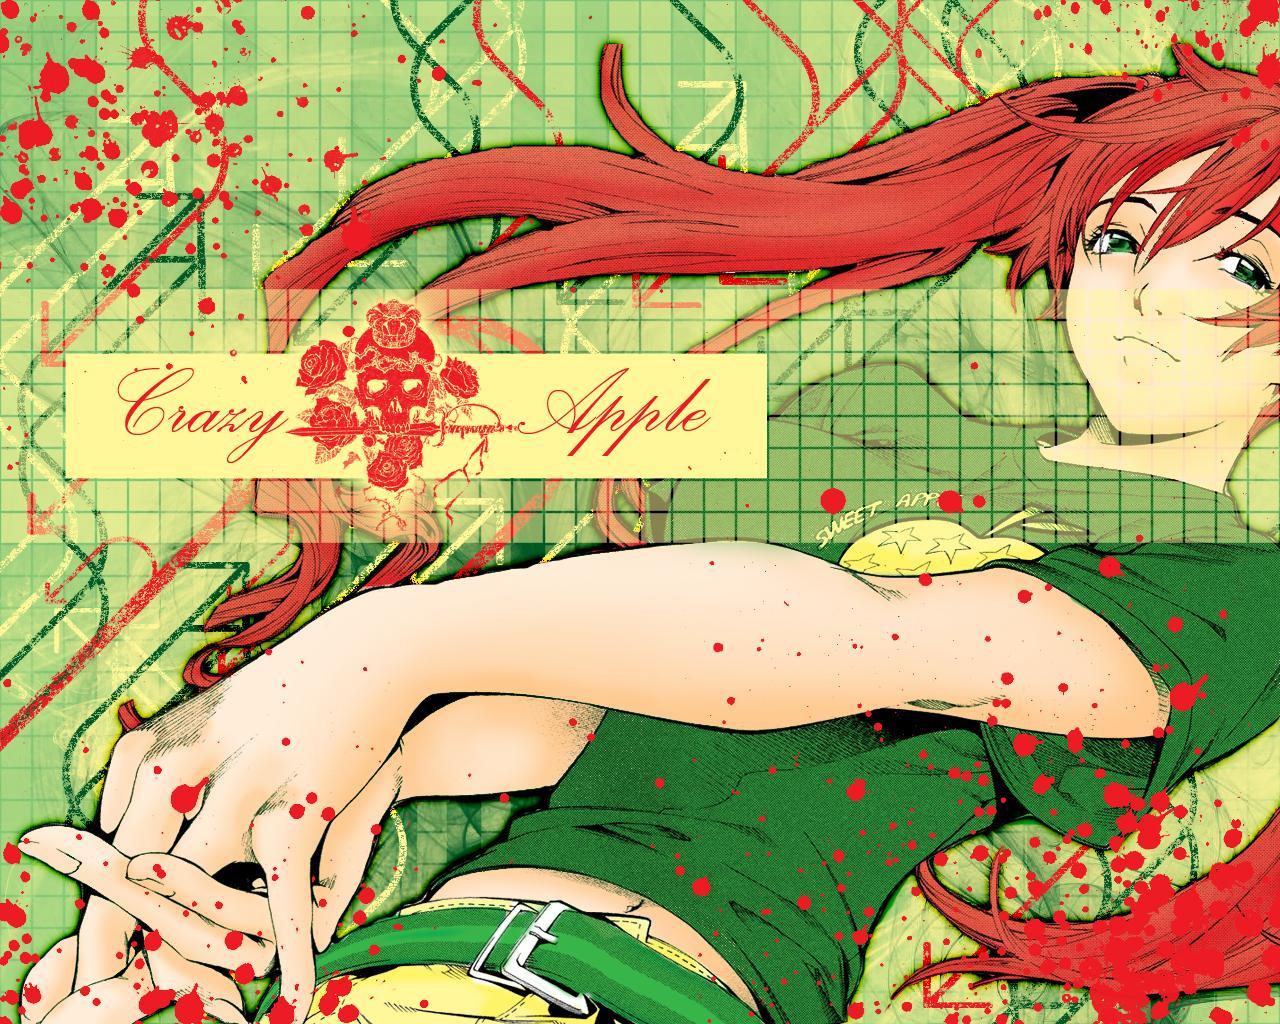 http://4.bp.blogspot.com/-lVIt73t2zR4/T4b_UgoxsKI/AAAAAAAAAH8/ja_SYr1tkag/s1600/Ringo+009.JPG